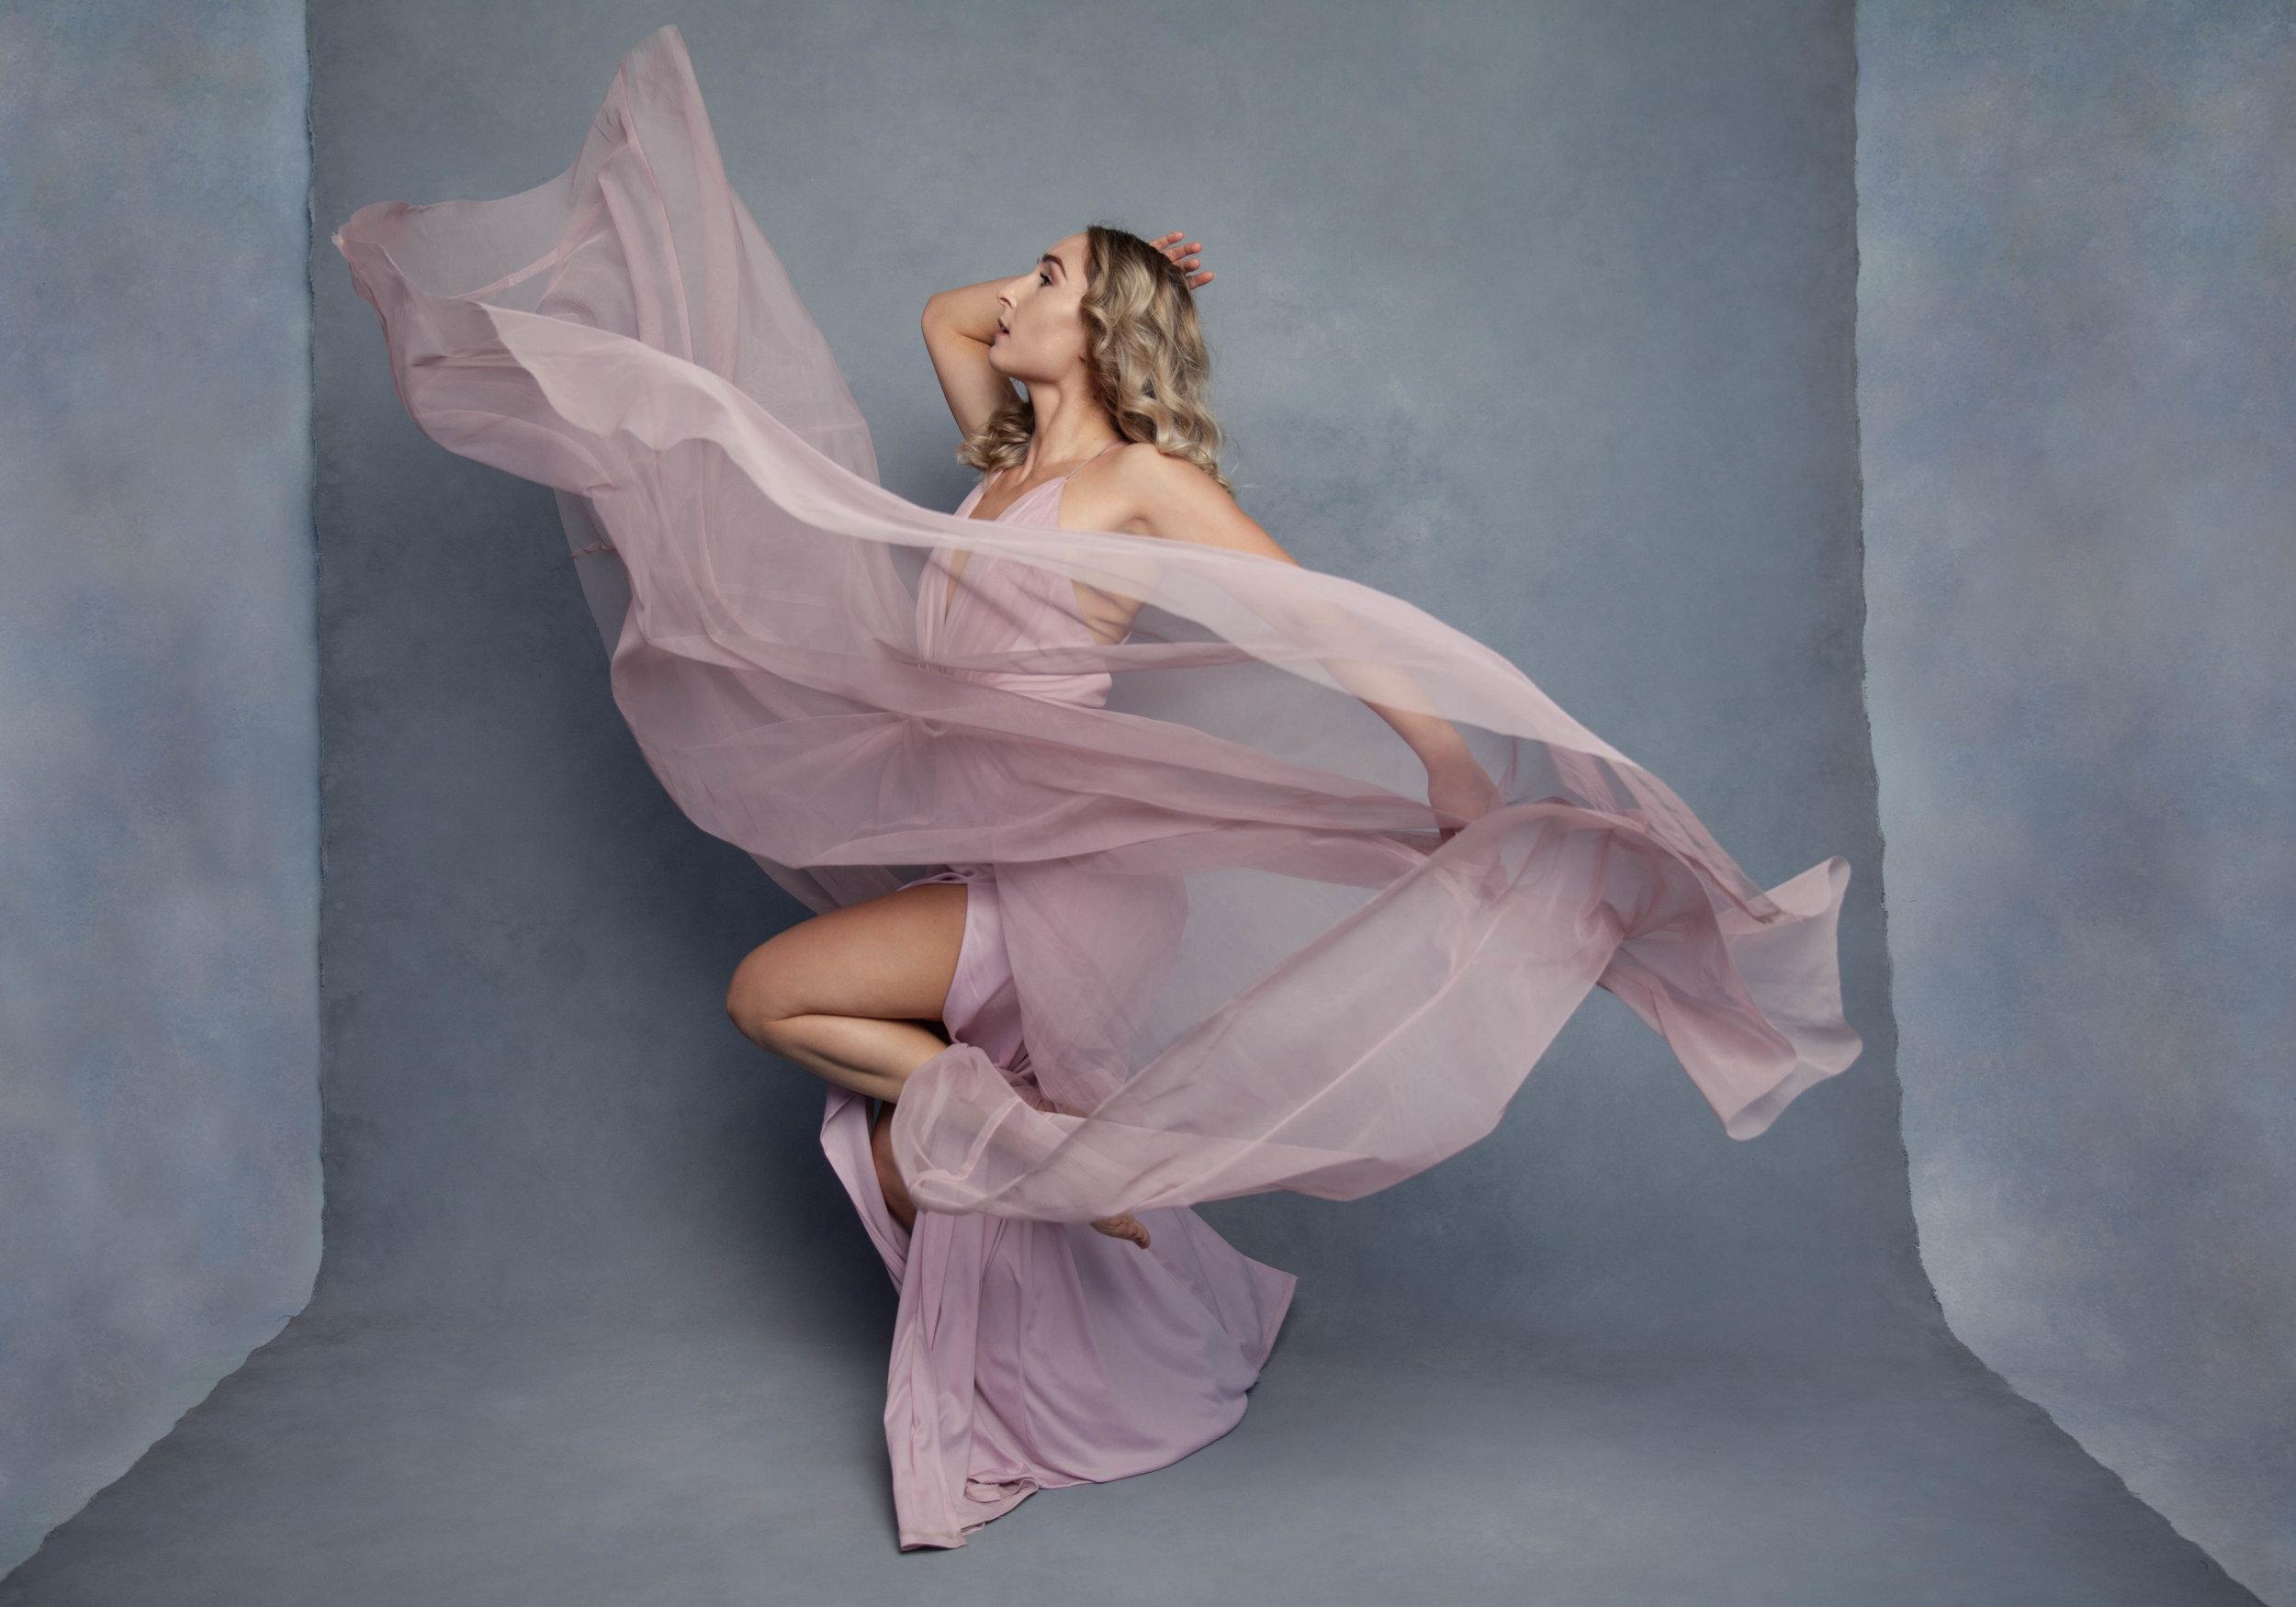 love-me-true-ballerina-dancing-portrait-auckland.jpg